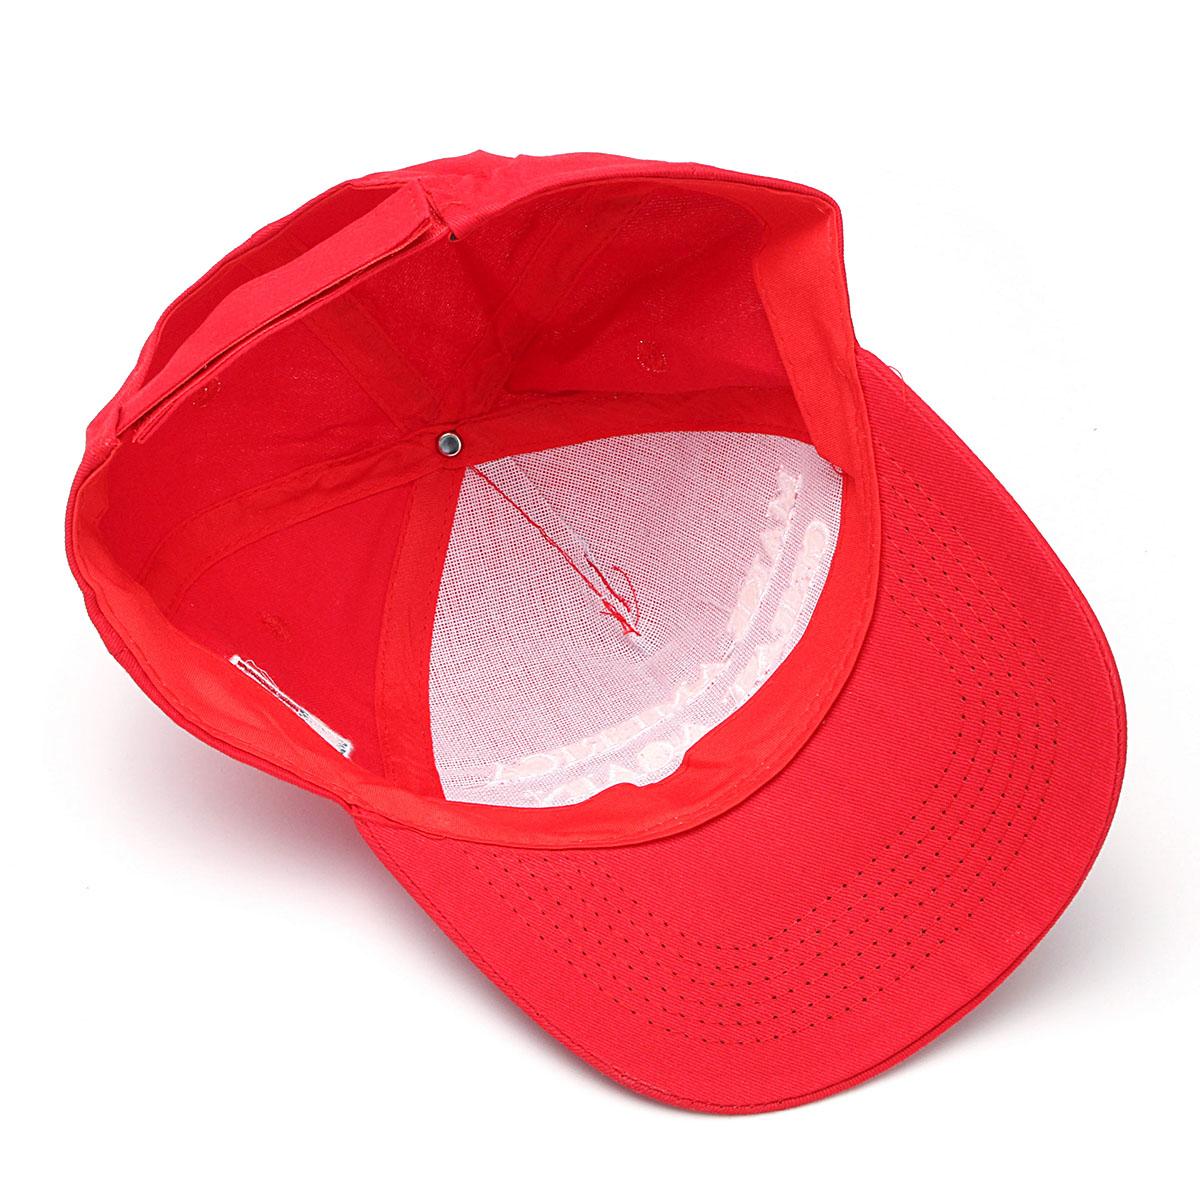 donald make america great again baseball cap hat